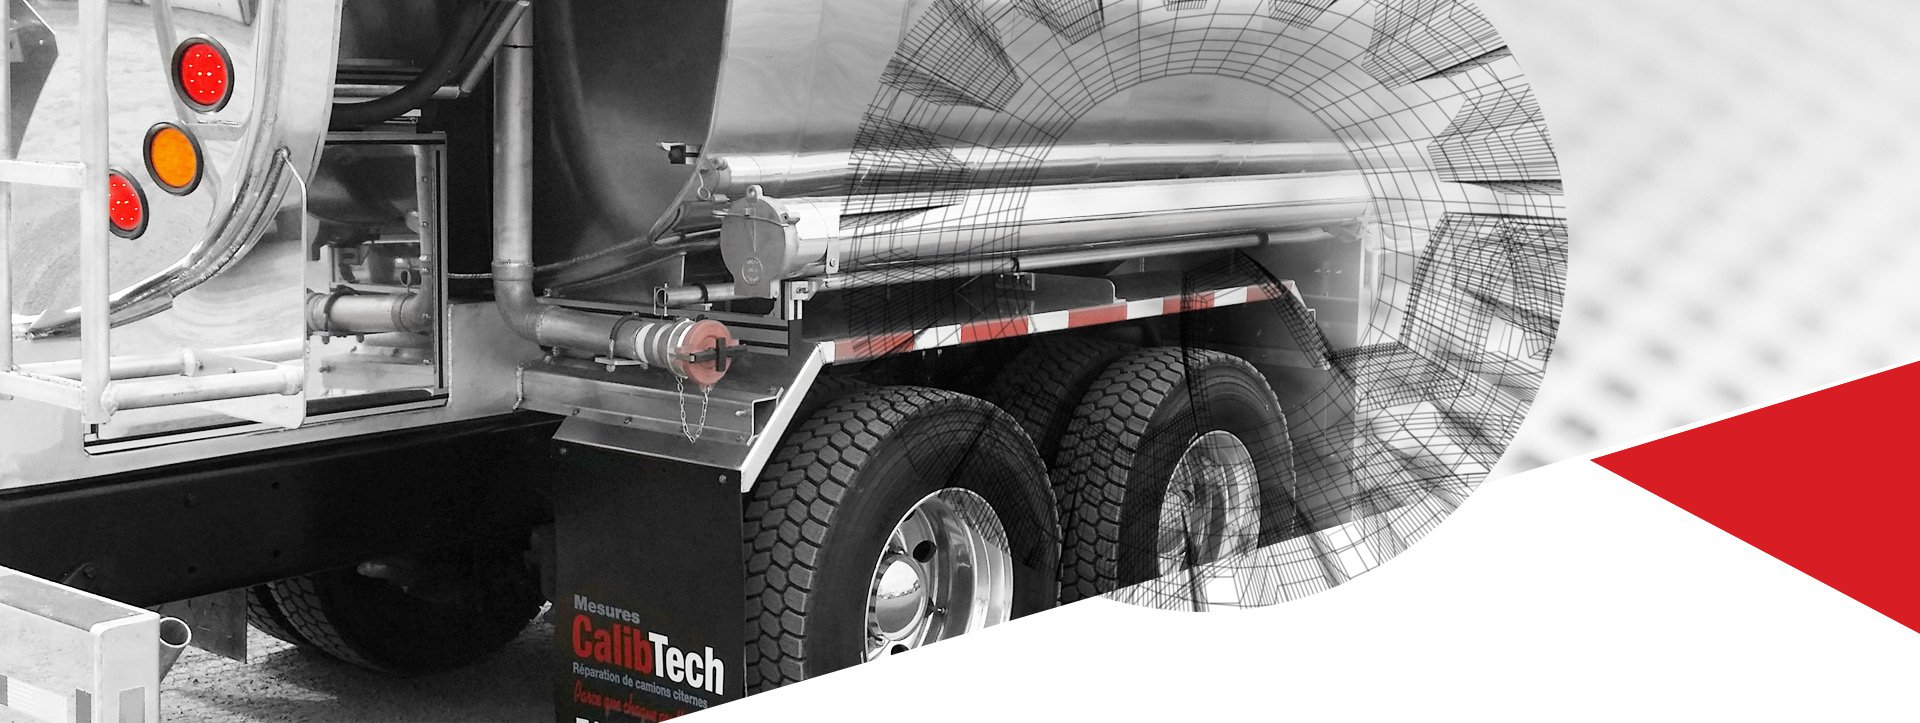 Vue arrière d'un camion-citerne |Camion-citerne |Mesures Calib-Tech |Montréal